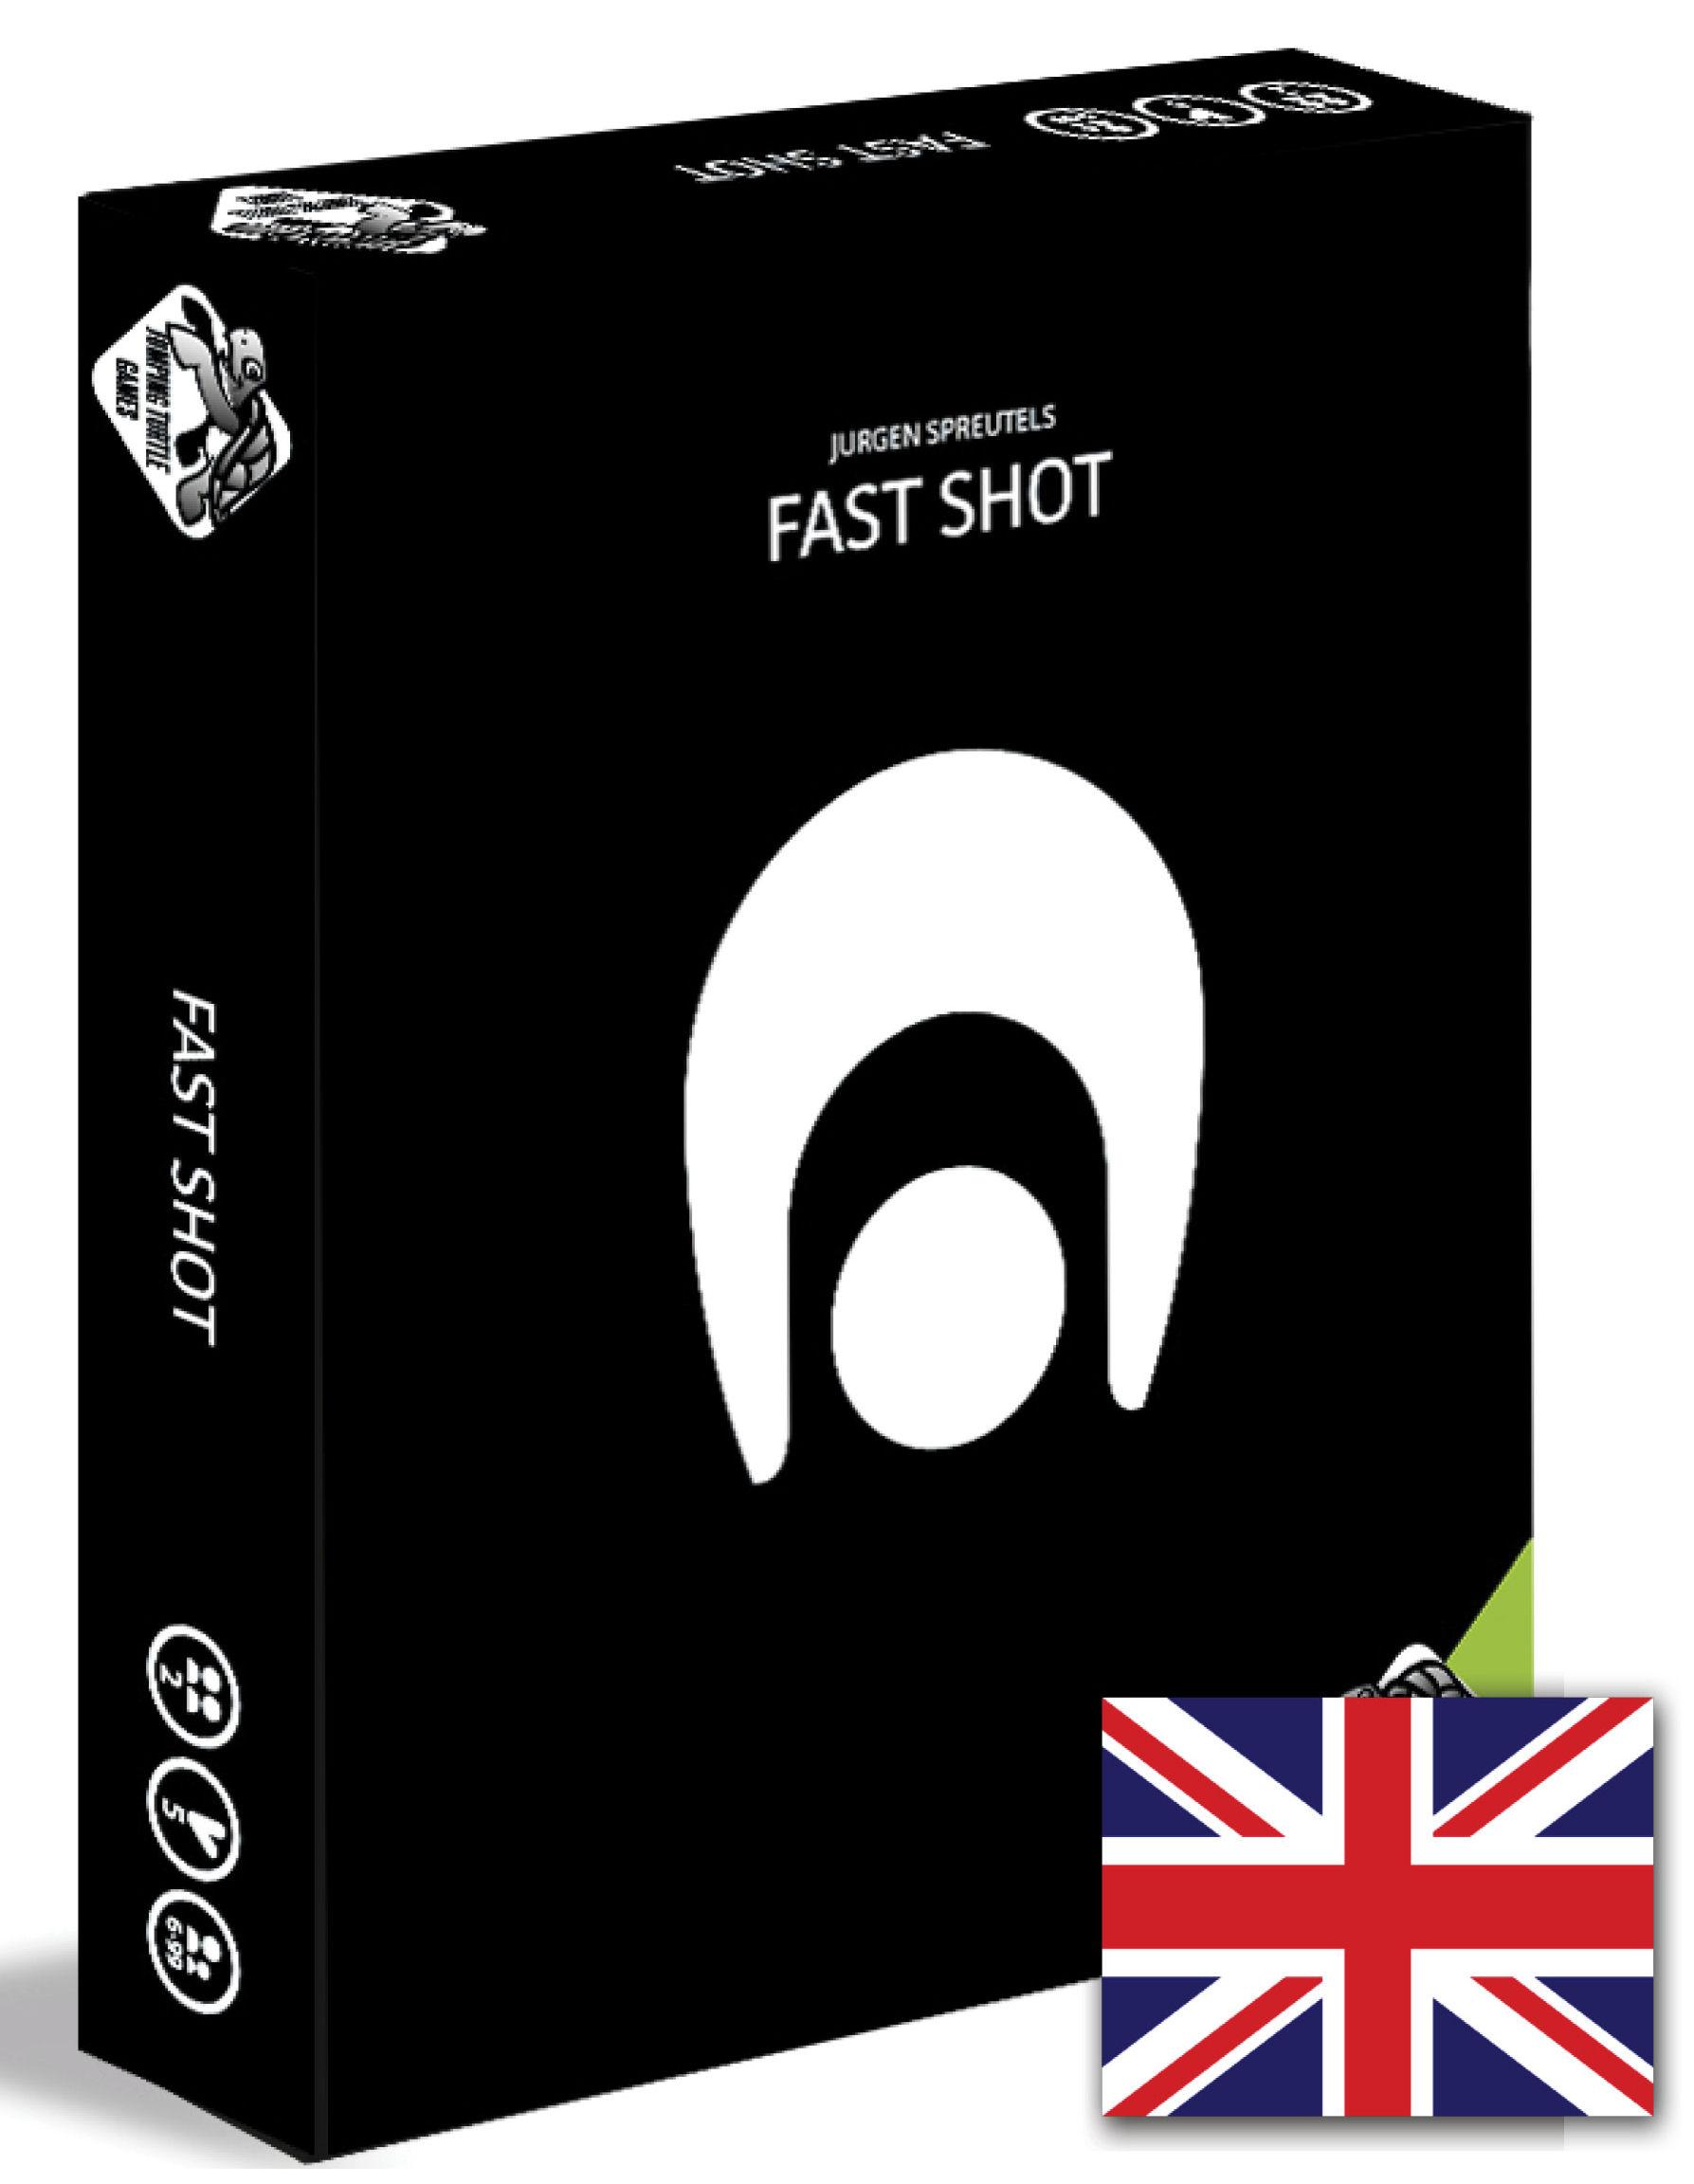 Fast Shot - Edicion negra